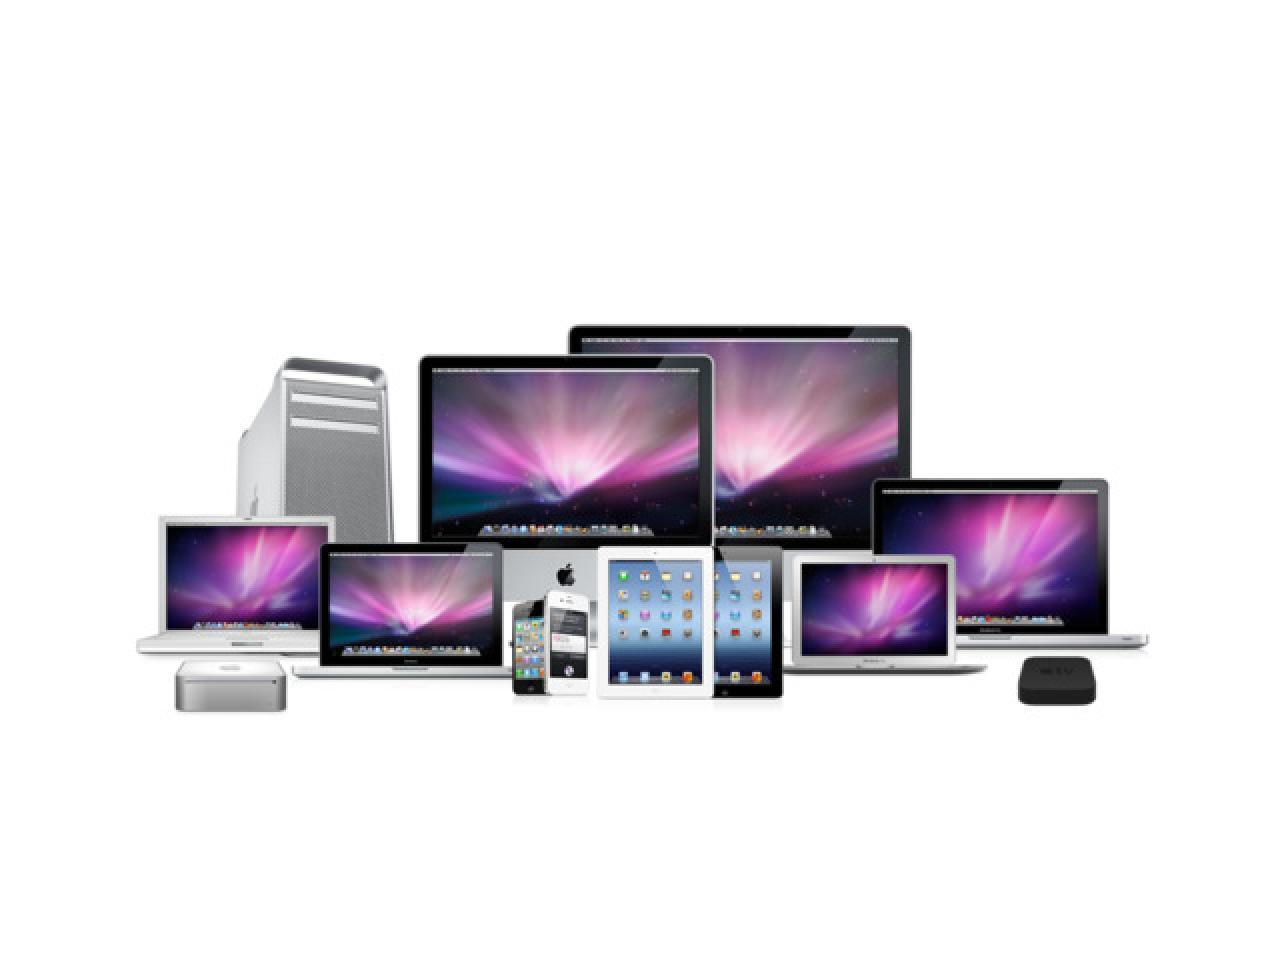 Ремонт, разблокировка компьютеров, телефонов, ноутбуков, лаптопов, телевизоров и др. электроники - 6